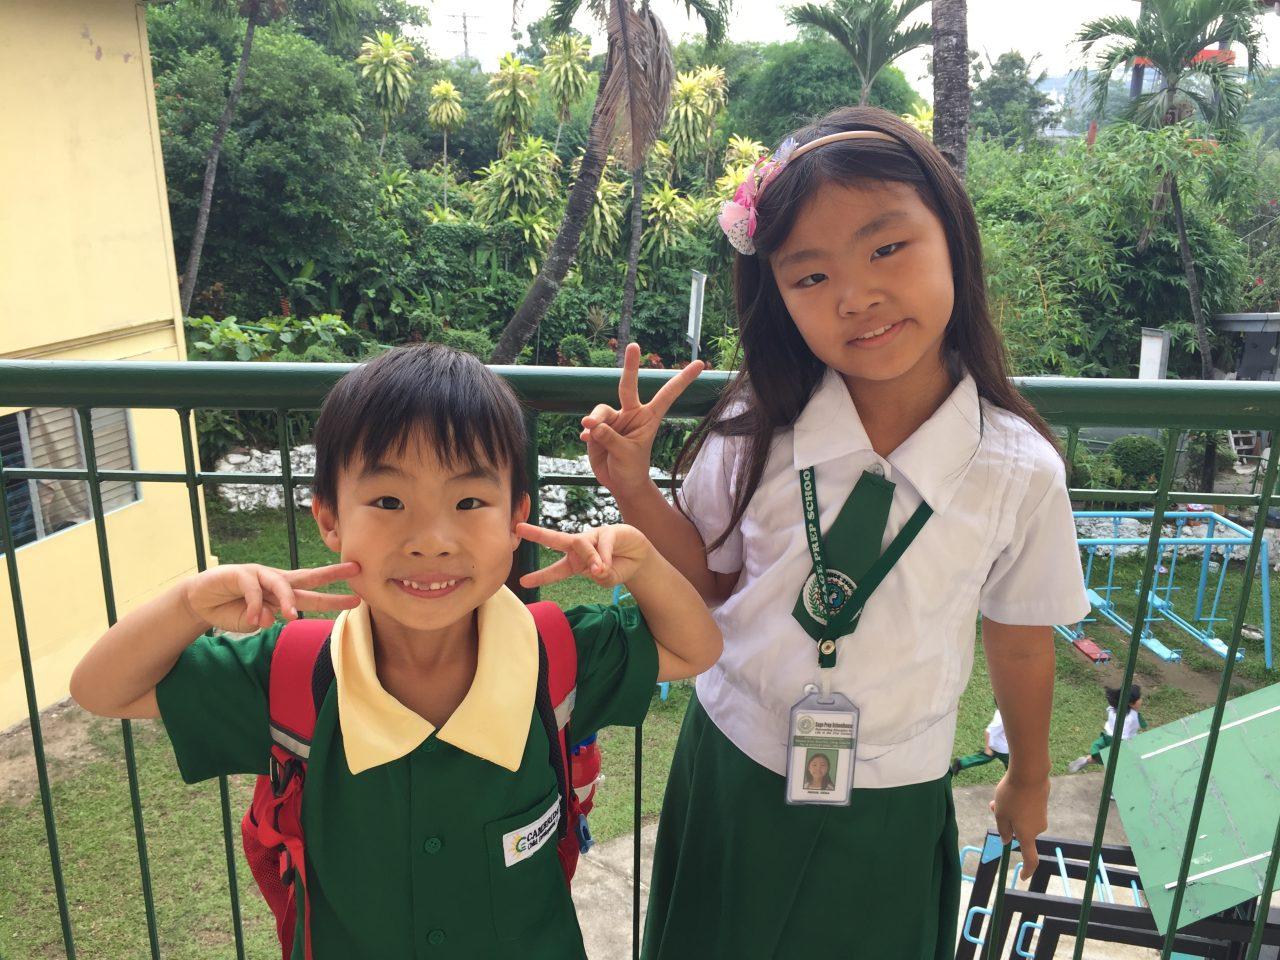 子どもが英語ペラペラになるまでの記録